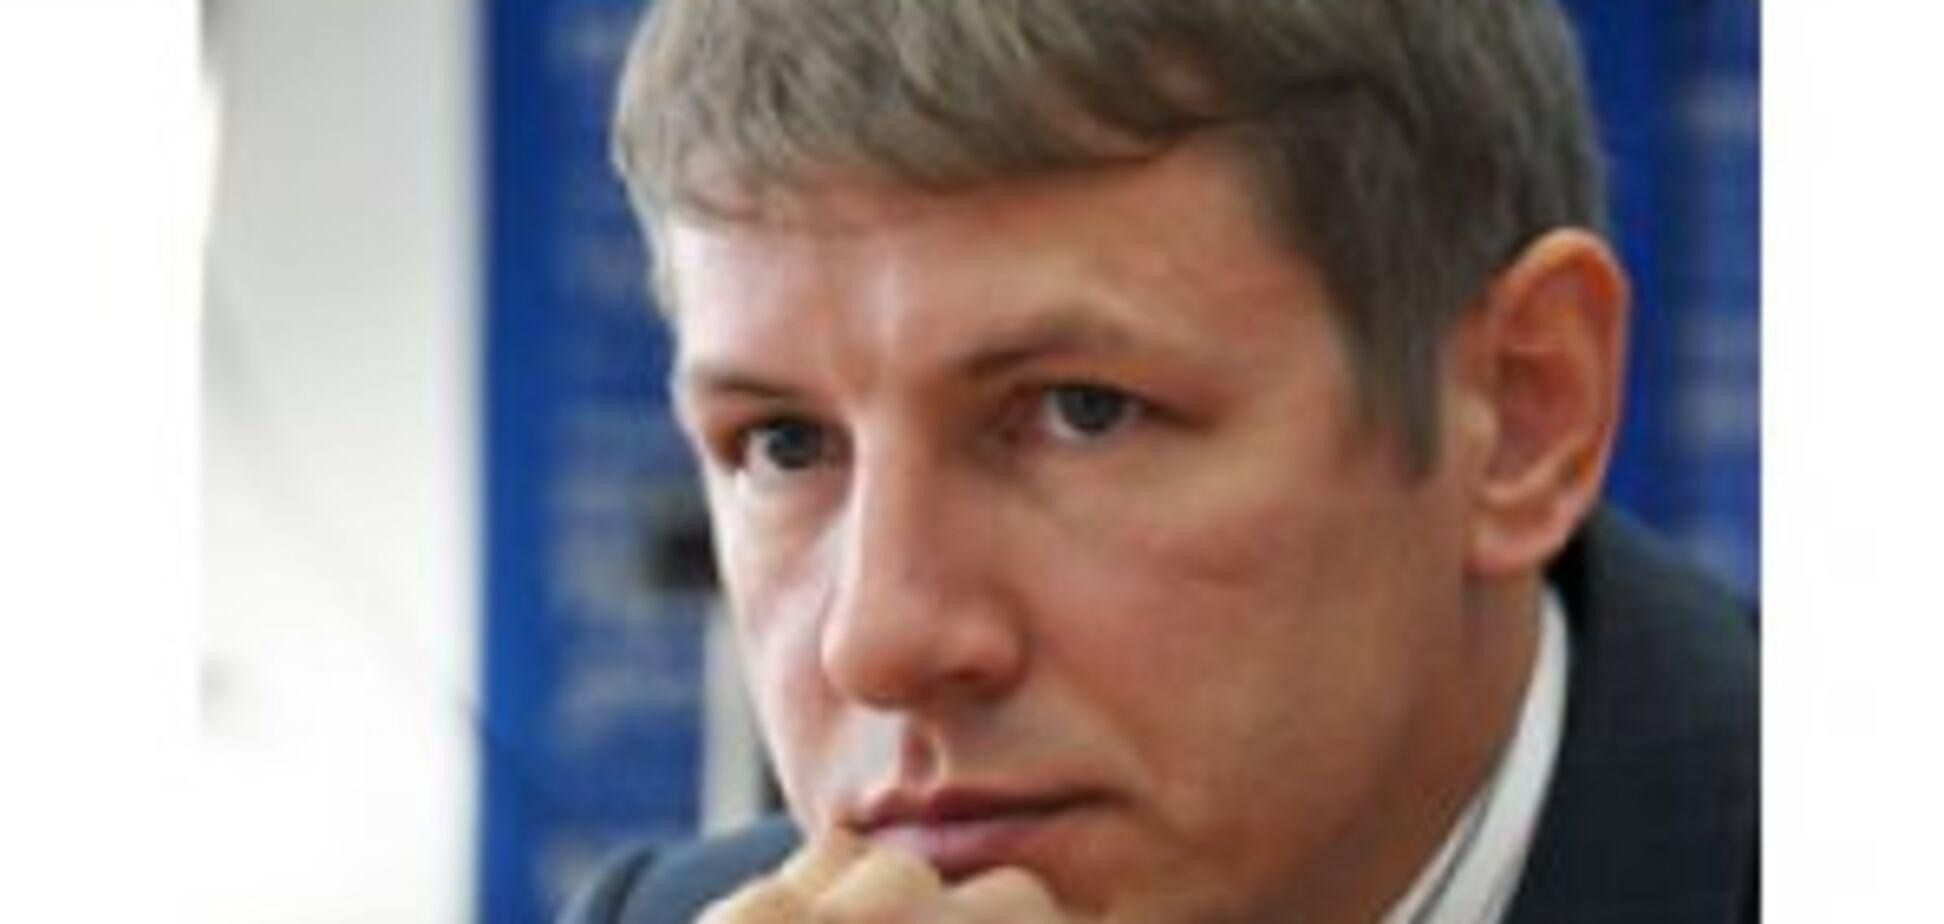 Навіщо Україна допомагає проросійським сепаратистам у Придністров'ї і чому 'Нафтогаз' має вимагати заборону імпорту електроенергії з Росії